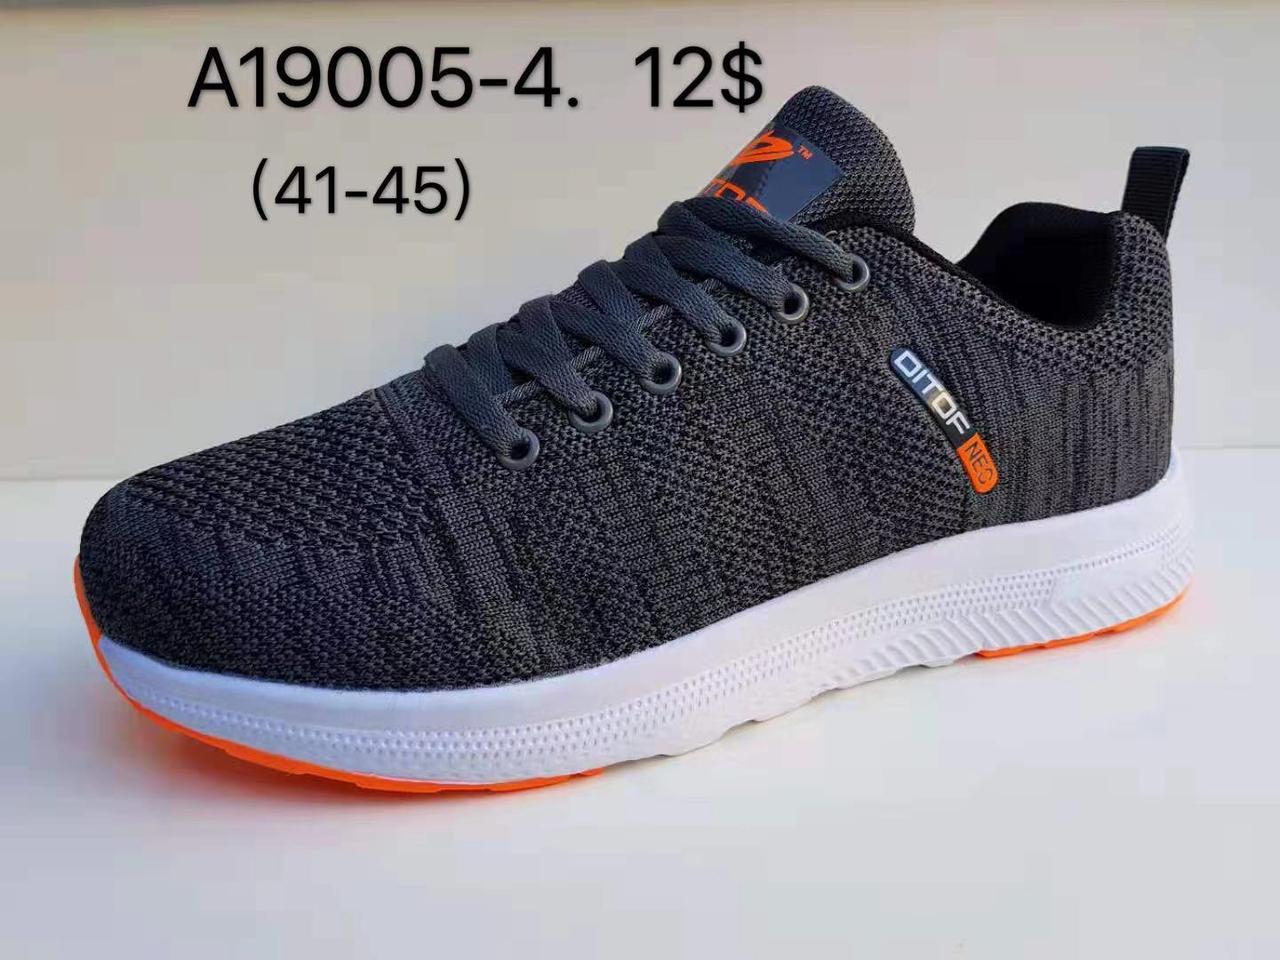 Мужские кроссовки Ditof оптом (41-45)